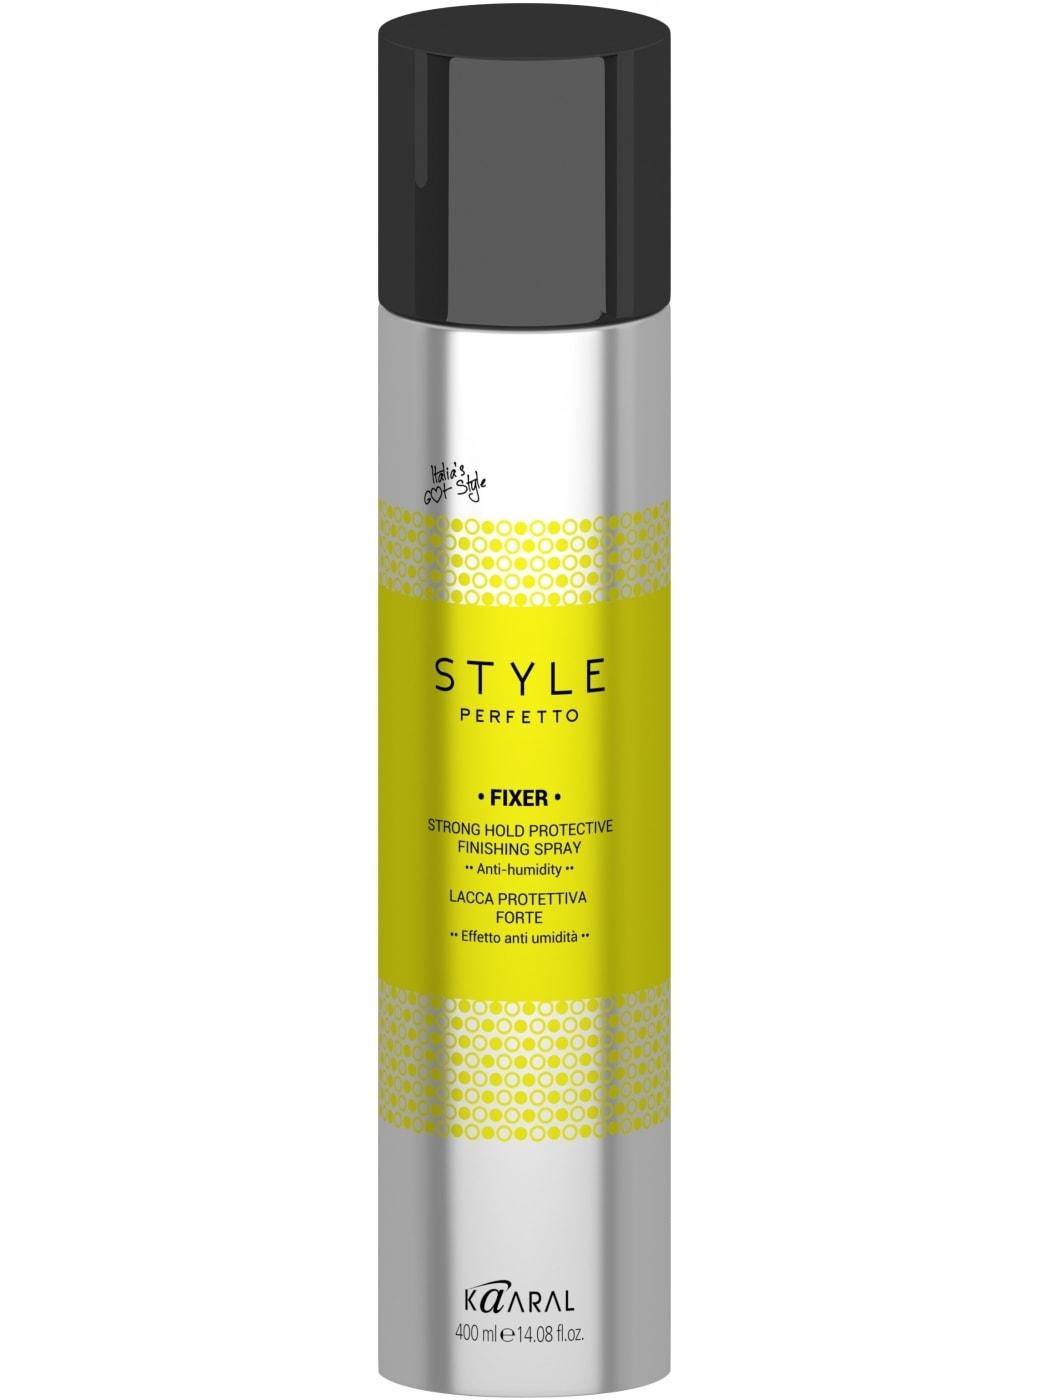 Kaaral Защитный лак для волос сильной фиксации Style Perfetto Fixer Strong Hold Protective Finishing Spray, 400 млK15935Защитный лак с фиксацией средне-сильной степени создает форму, не утяжеляя волосы, оказывает защитное действие благодаря пантенолу. Лак сохраняет укладку длительное время, устойчив к влаге. Не пересушивает волосы, придает им блеск.